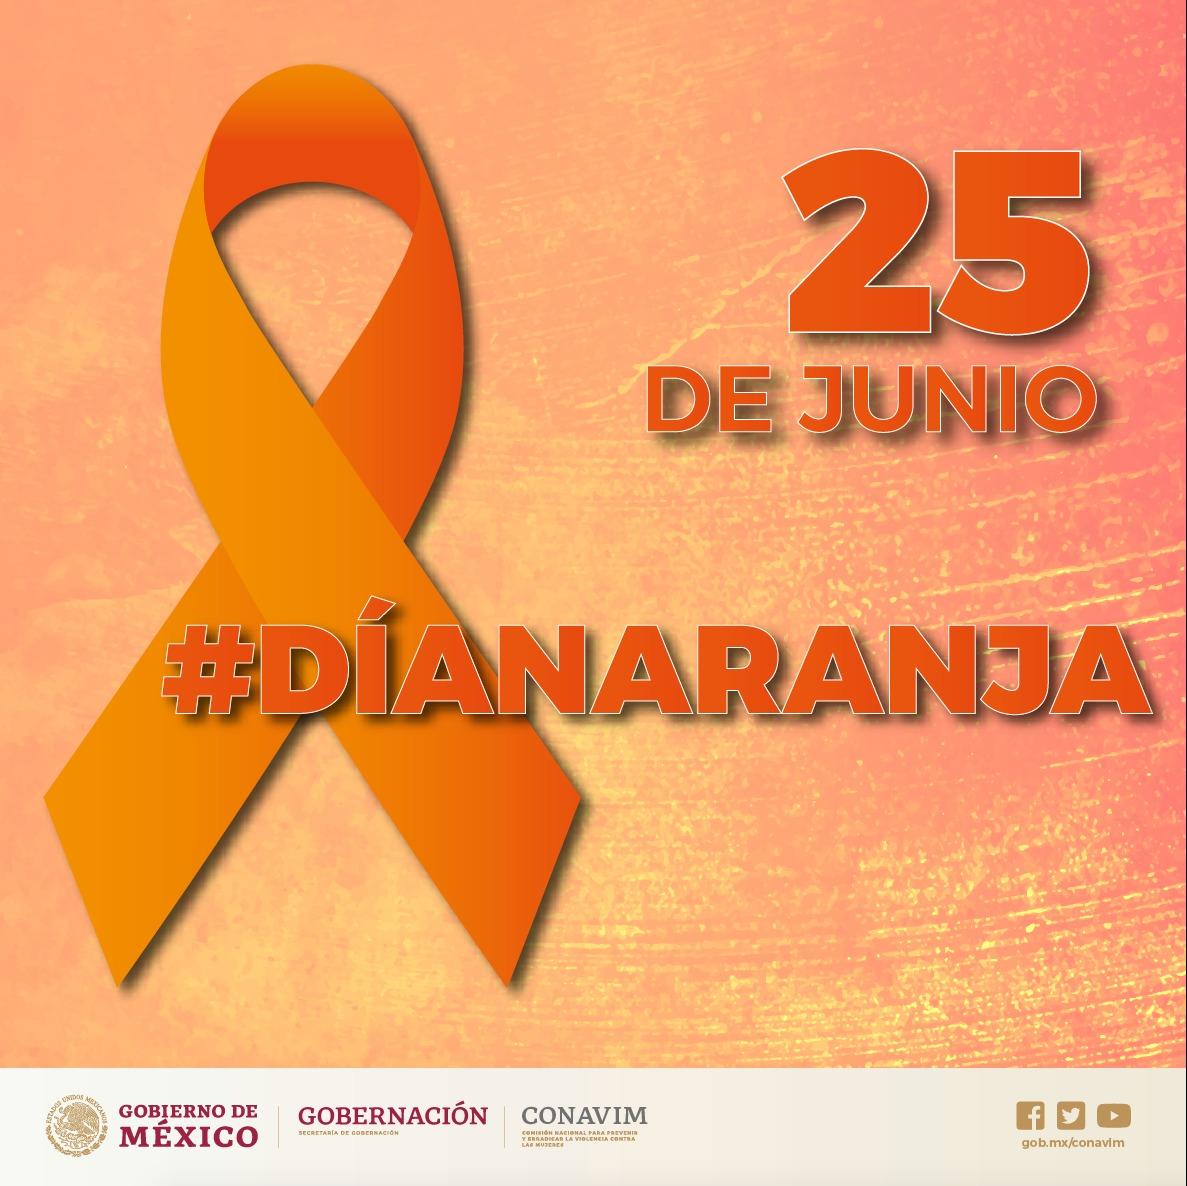 El Día Naranja busca movilizar a la opinión pública y a los gobiernos para emprender acciones concretas con el fin de promover y fomentar la cultura de la no violencia.